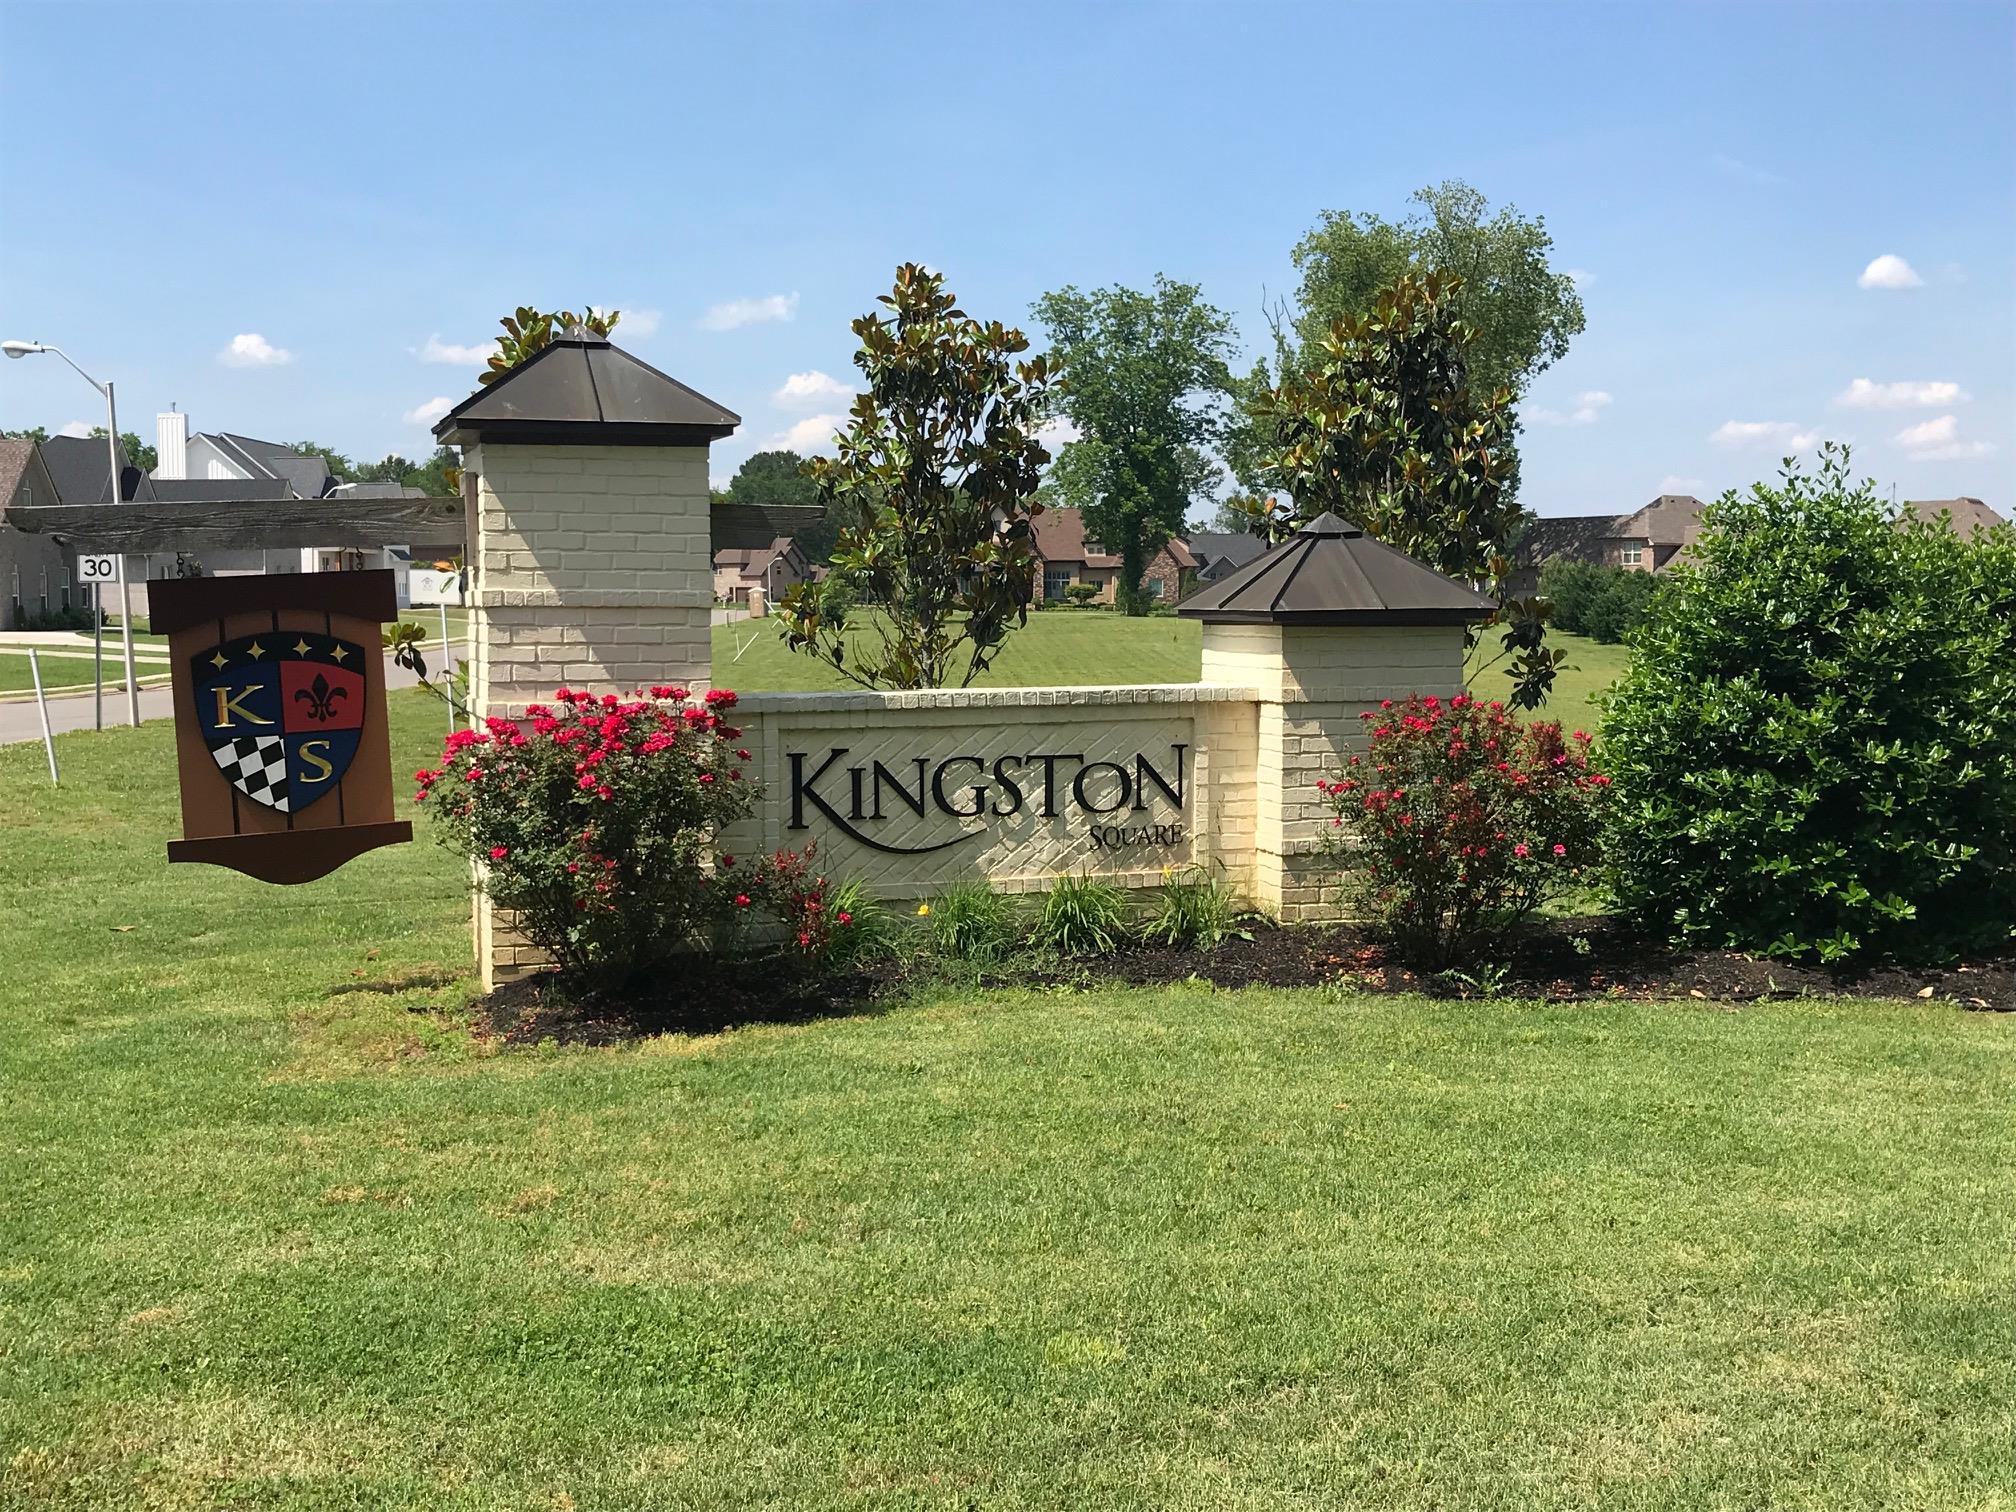 904 Empire Blvd, Murfreesboro, TN 37132 - Murfreesboro, TN real estate listing